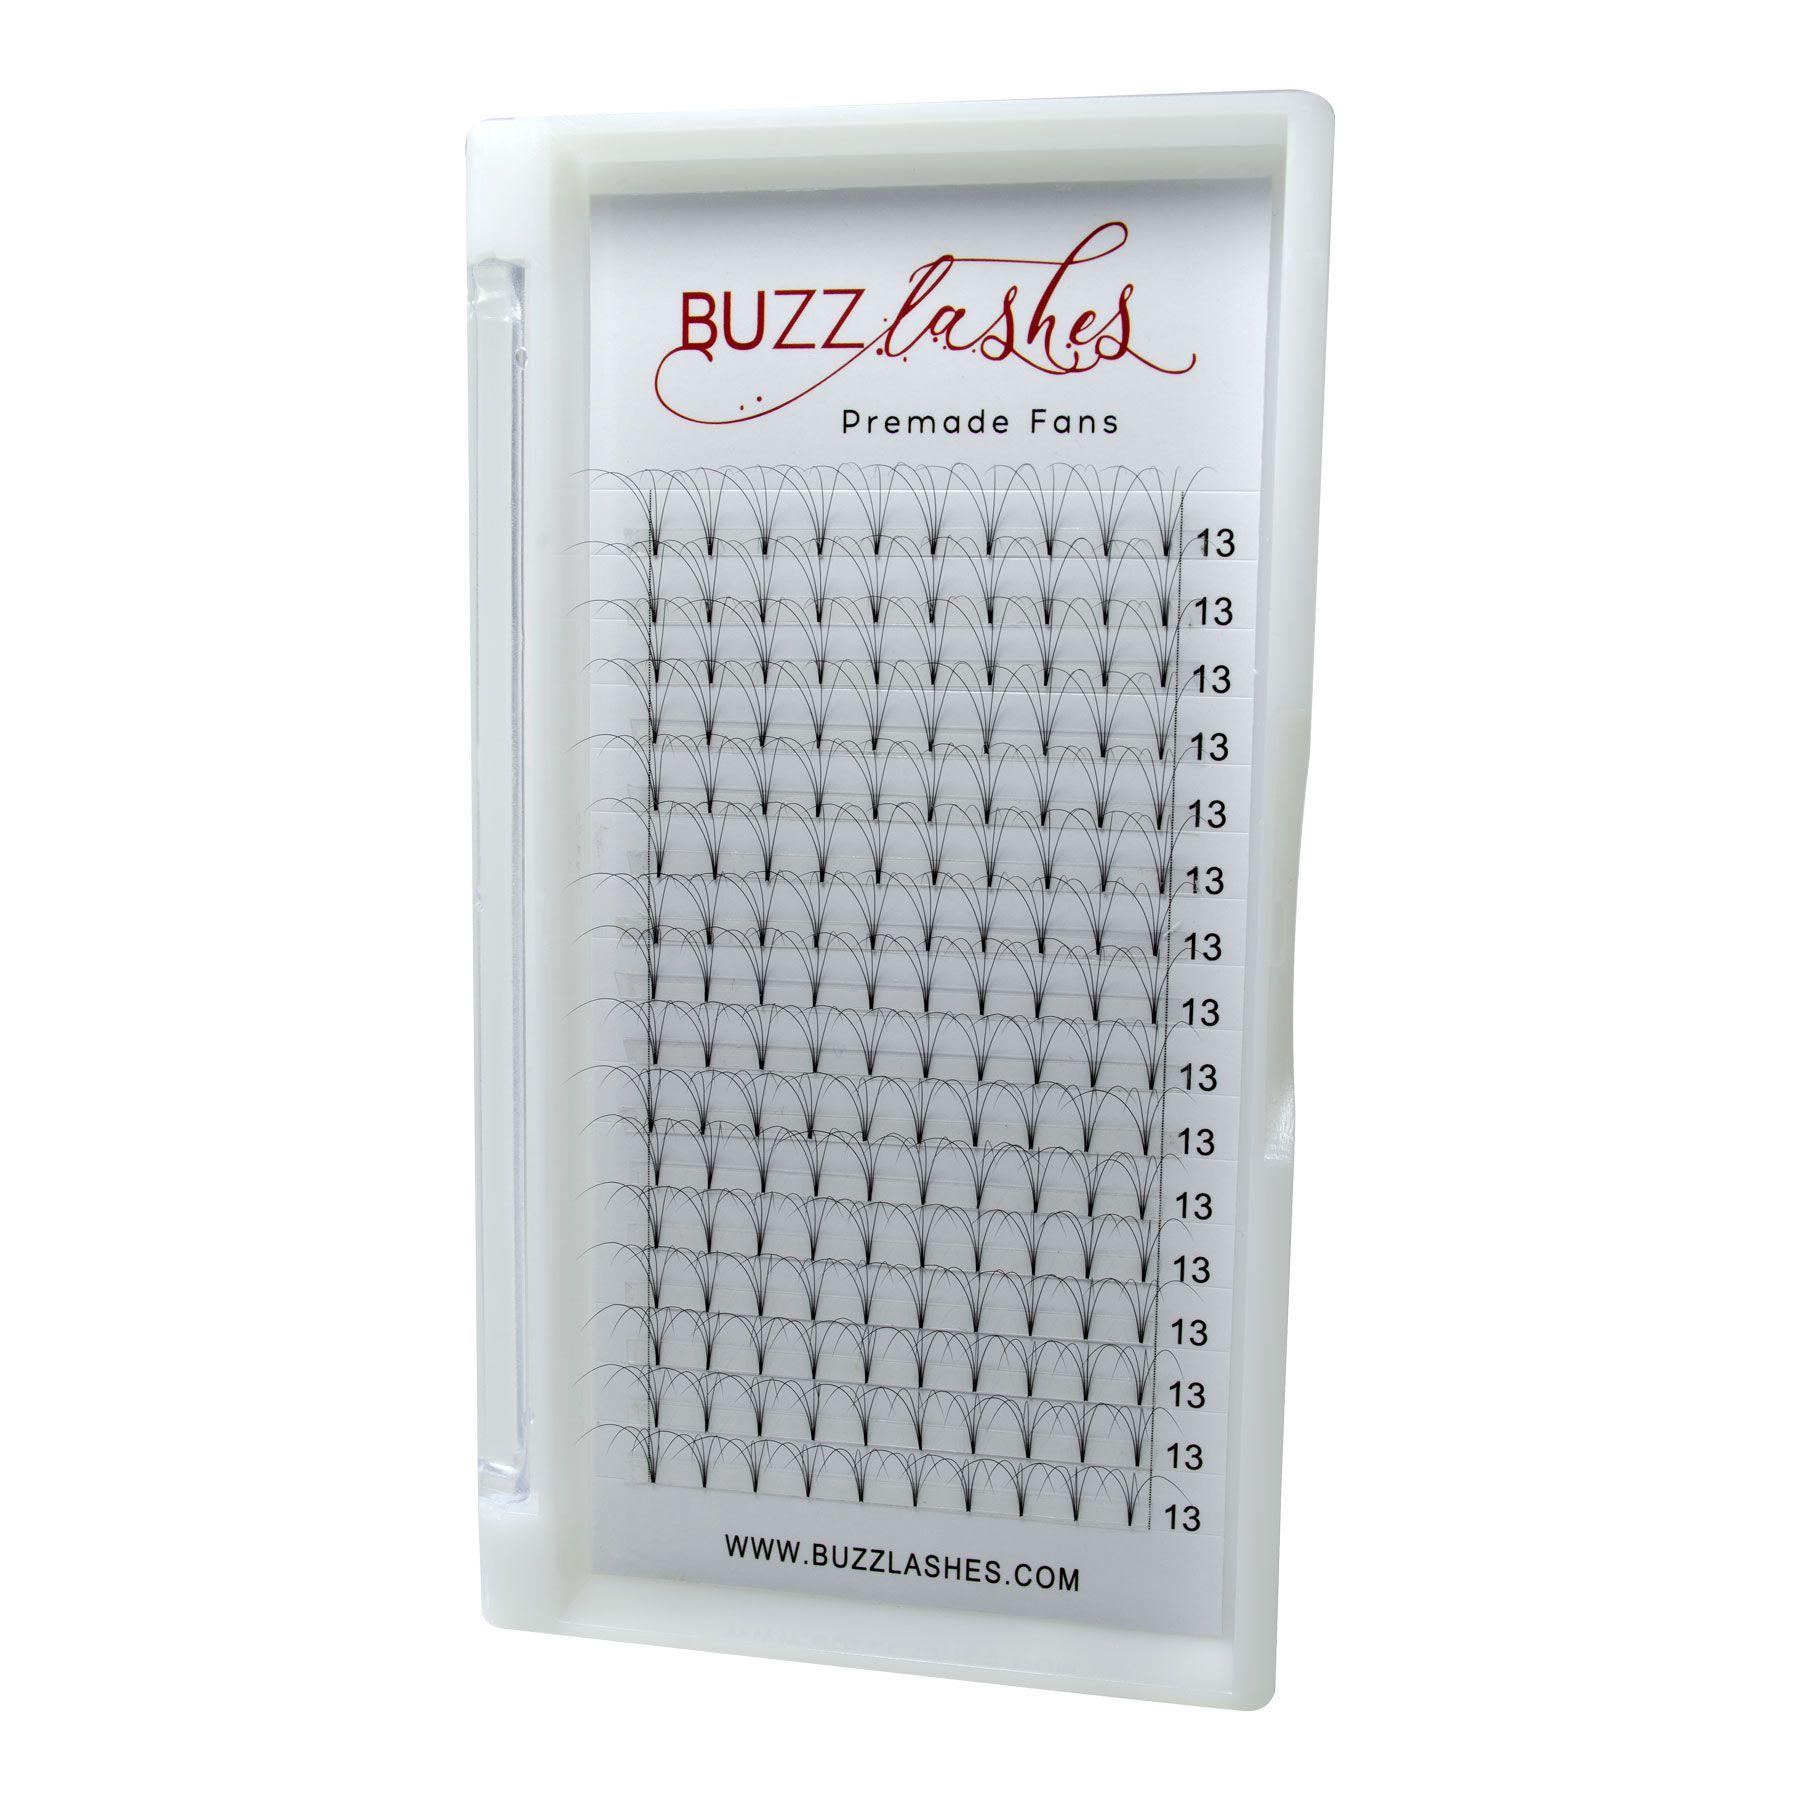 Cílios Buzz Lashes 4D Wide Fans Espessura 0.07mm